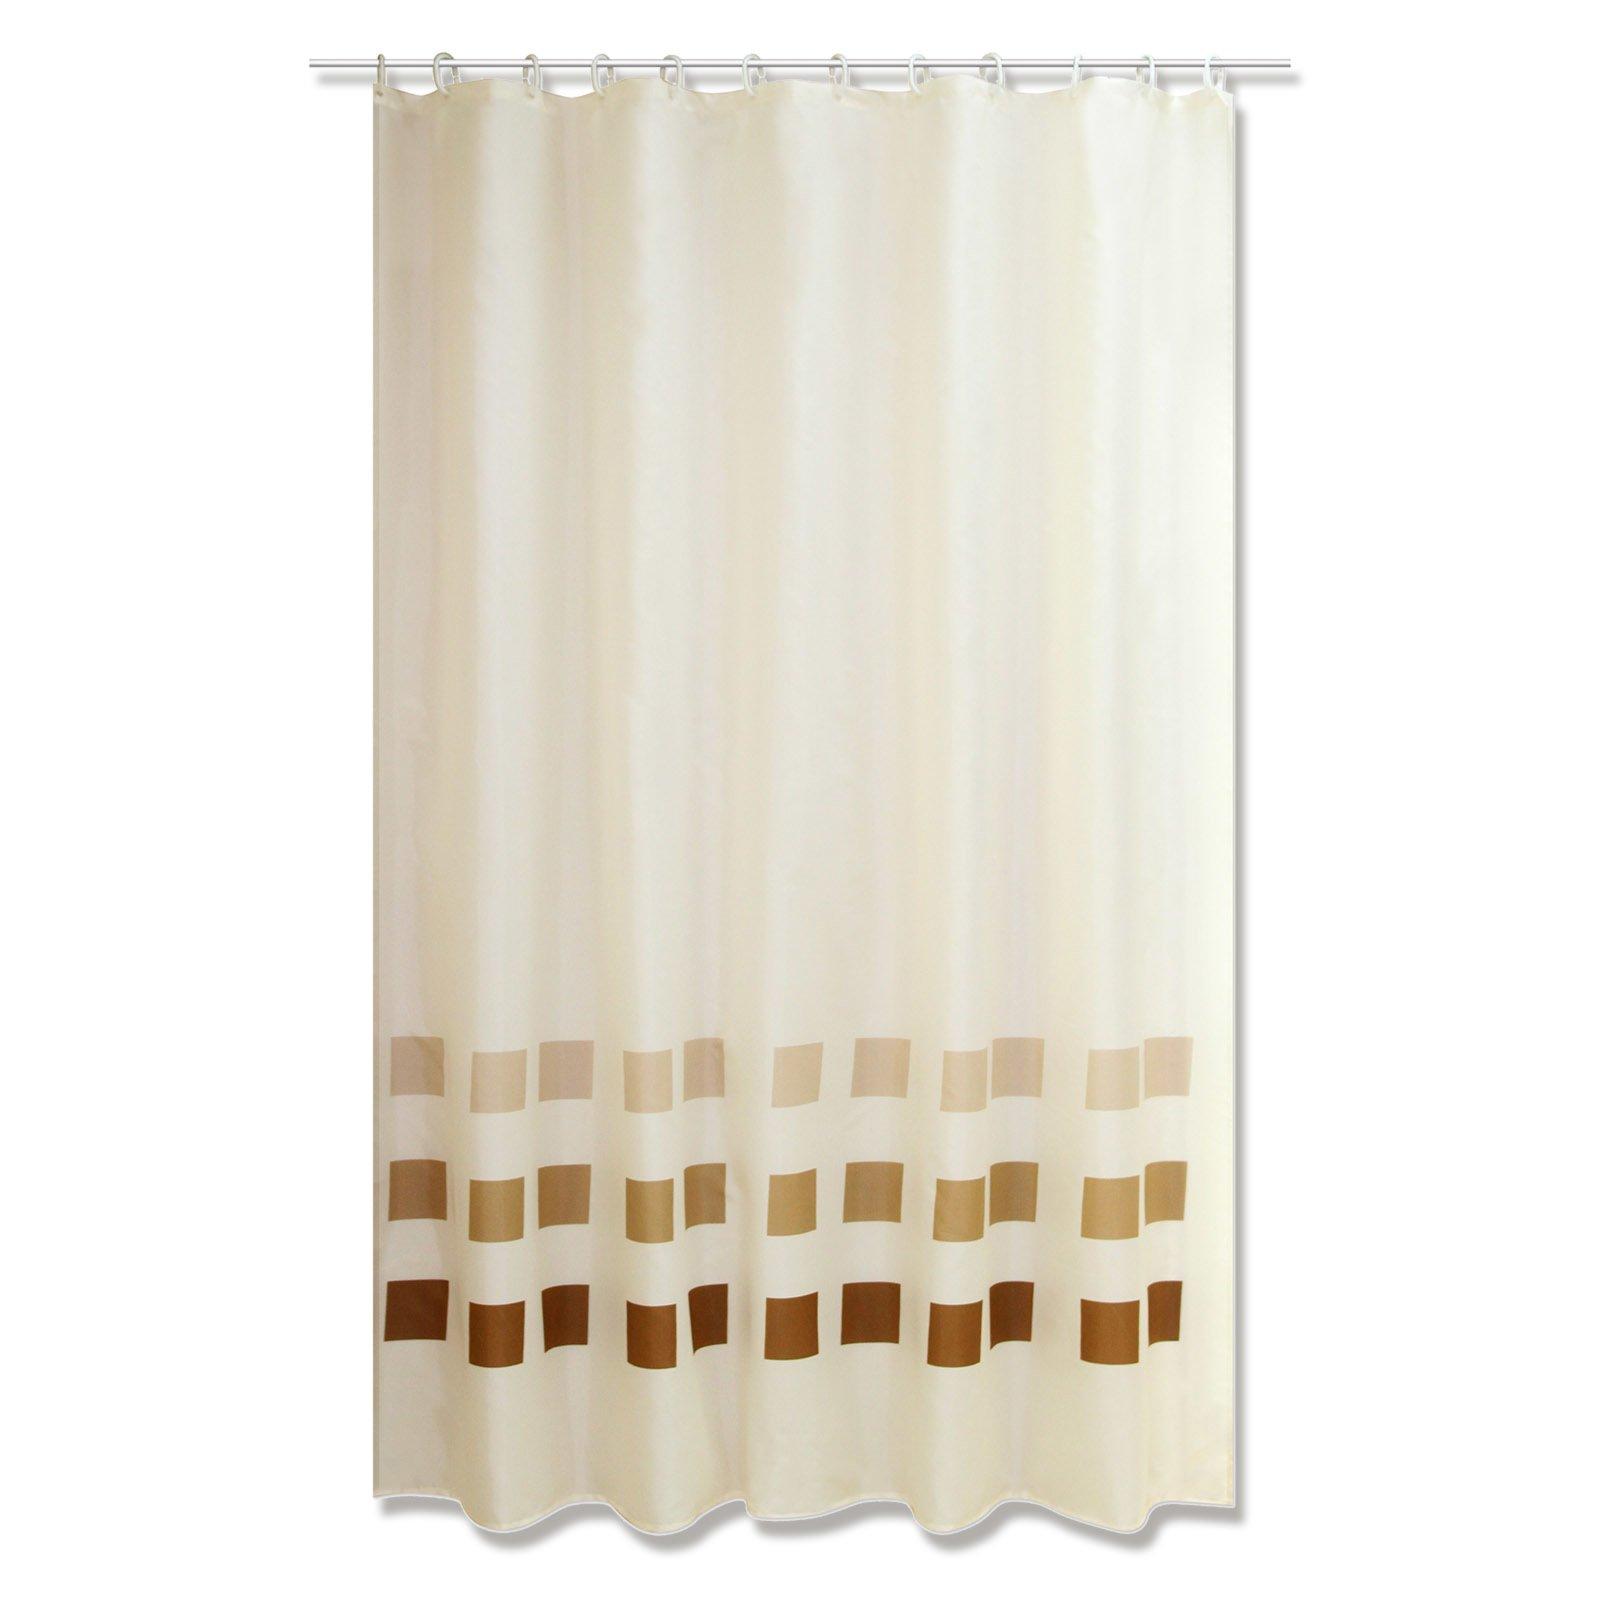 duschvorhang squares beige 180x200 cm duschvorh nge rollos badezimmer wohnbereiche. Black Bedroom Furniture Sets. Home Design Ideas